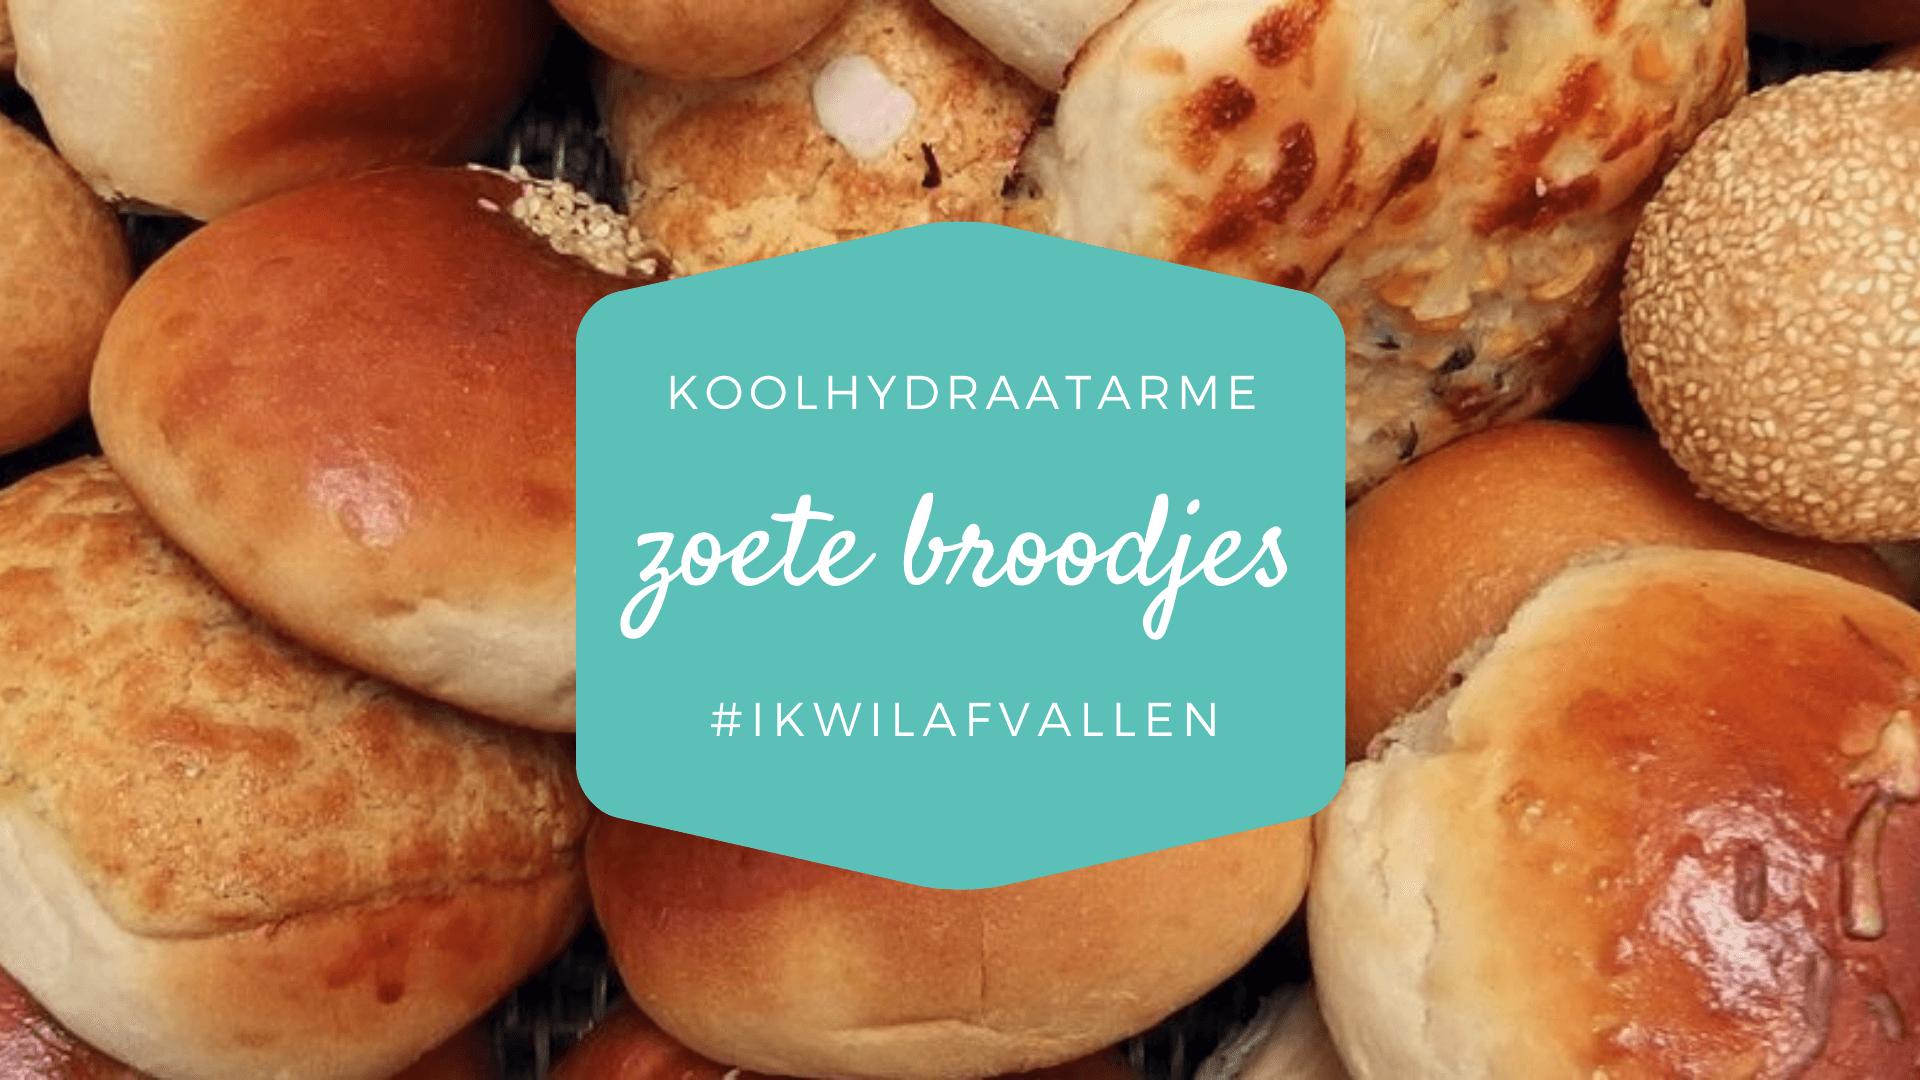 Koolhydraatarme zoete broodjes